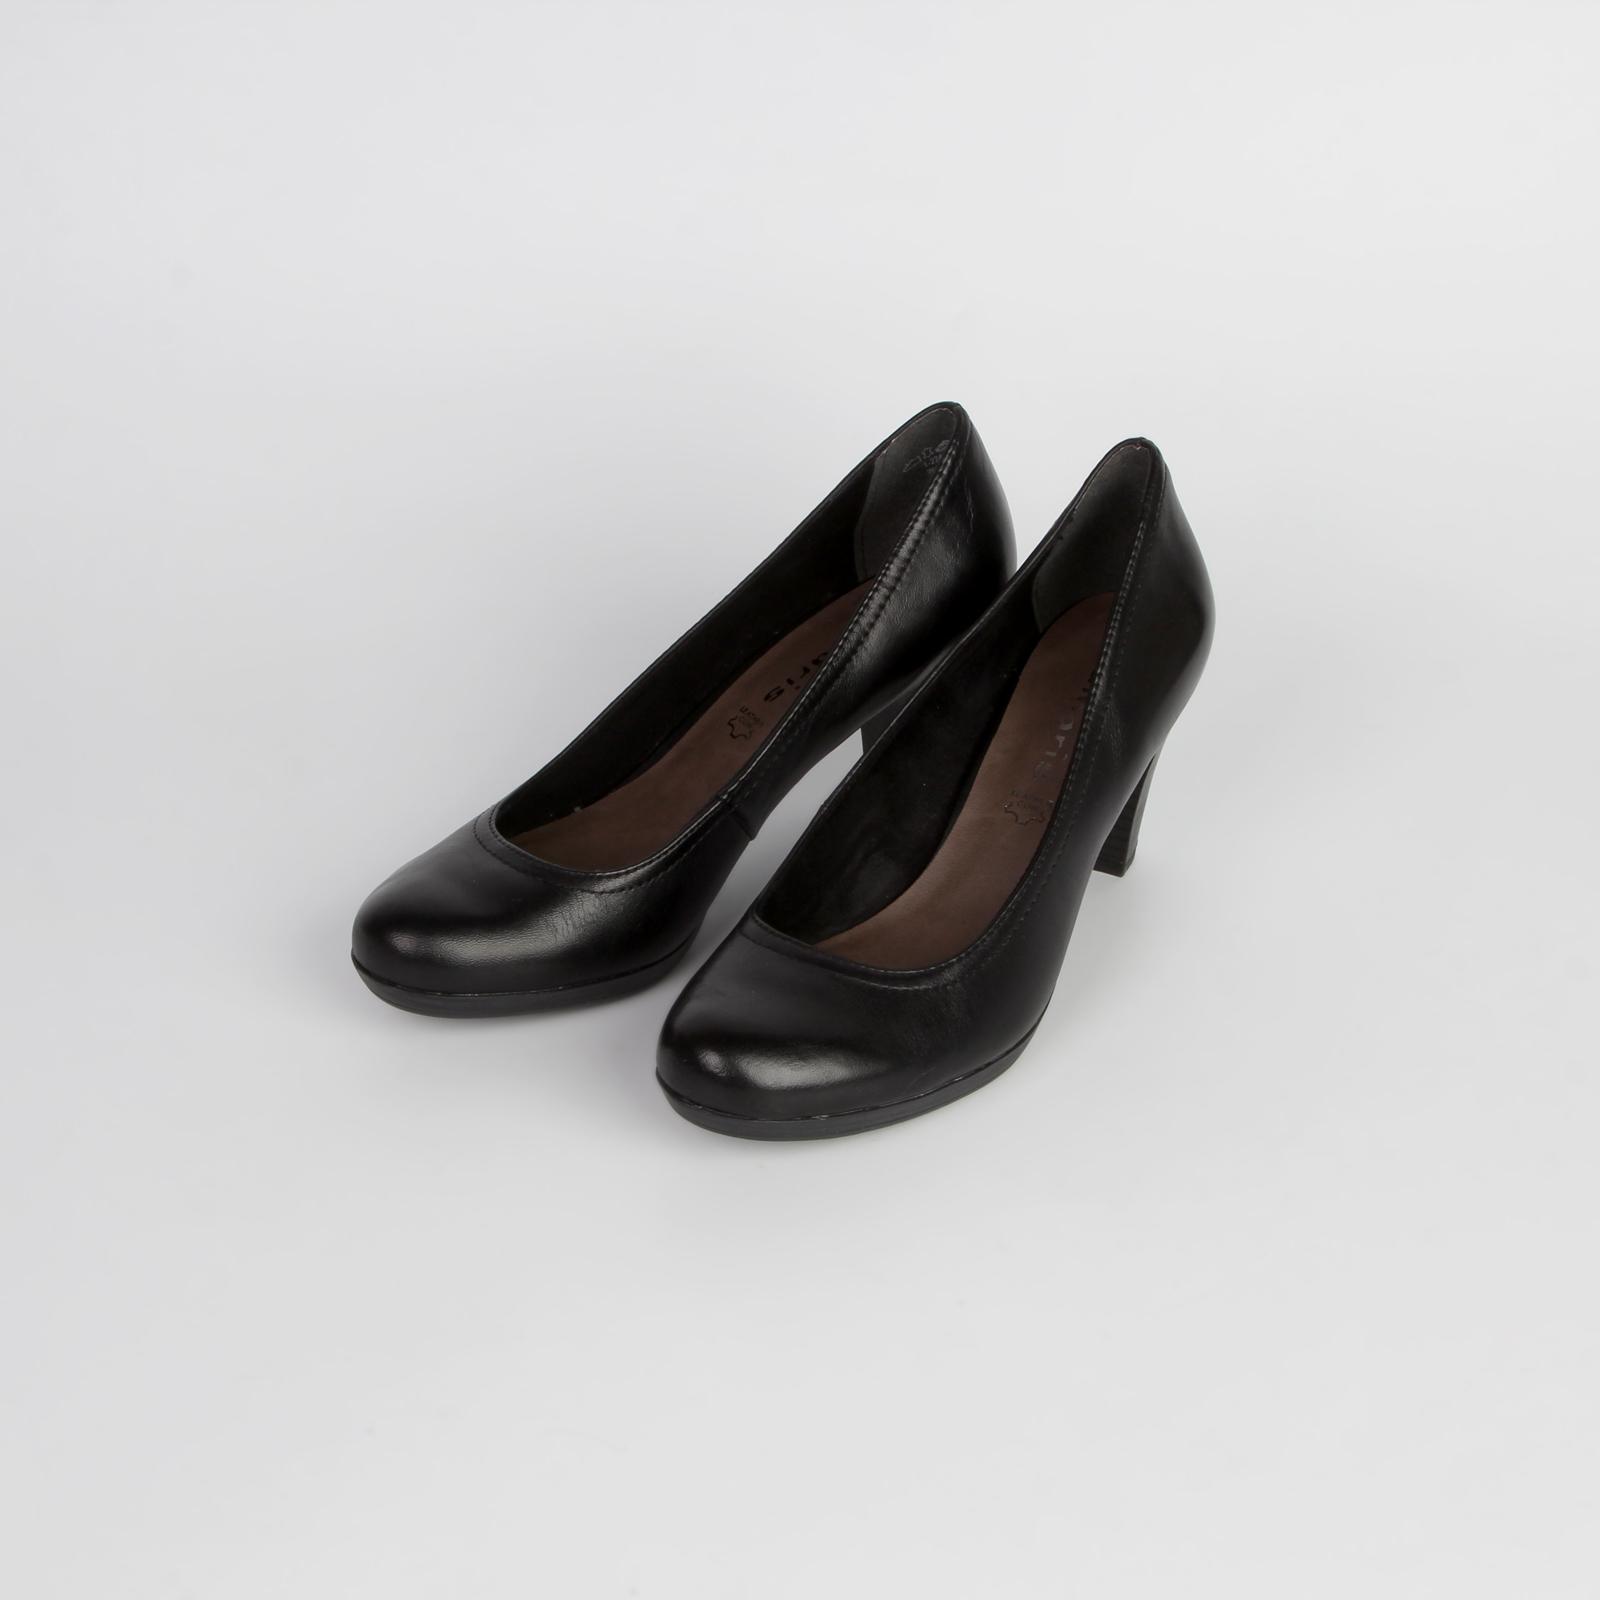 Туфли женские классические из натуральной кожи на удобном каблуке